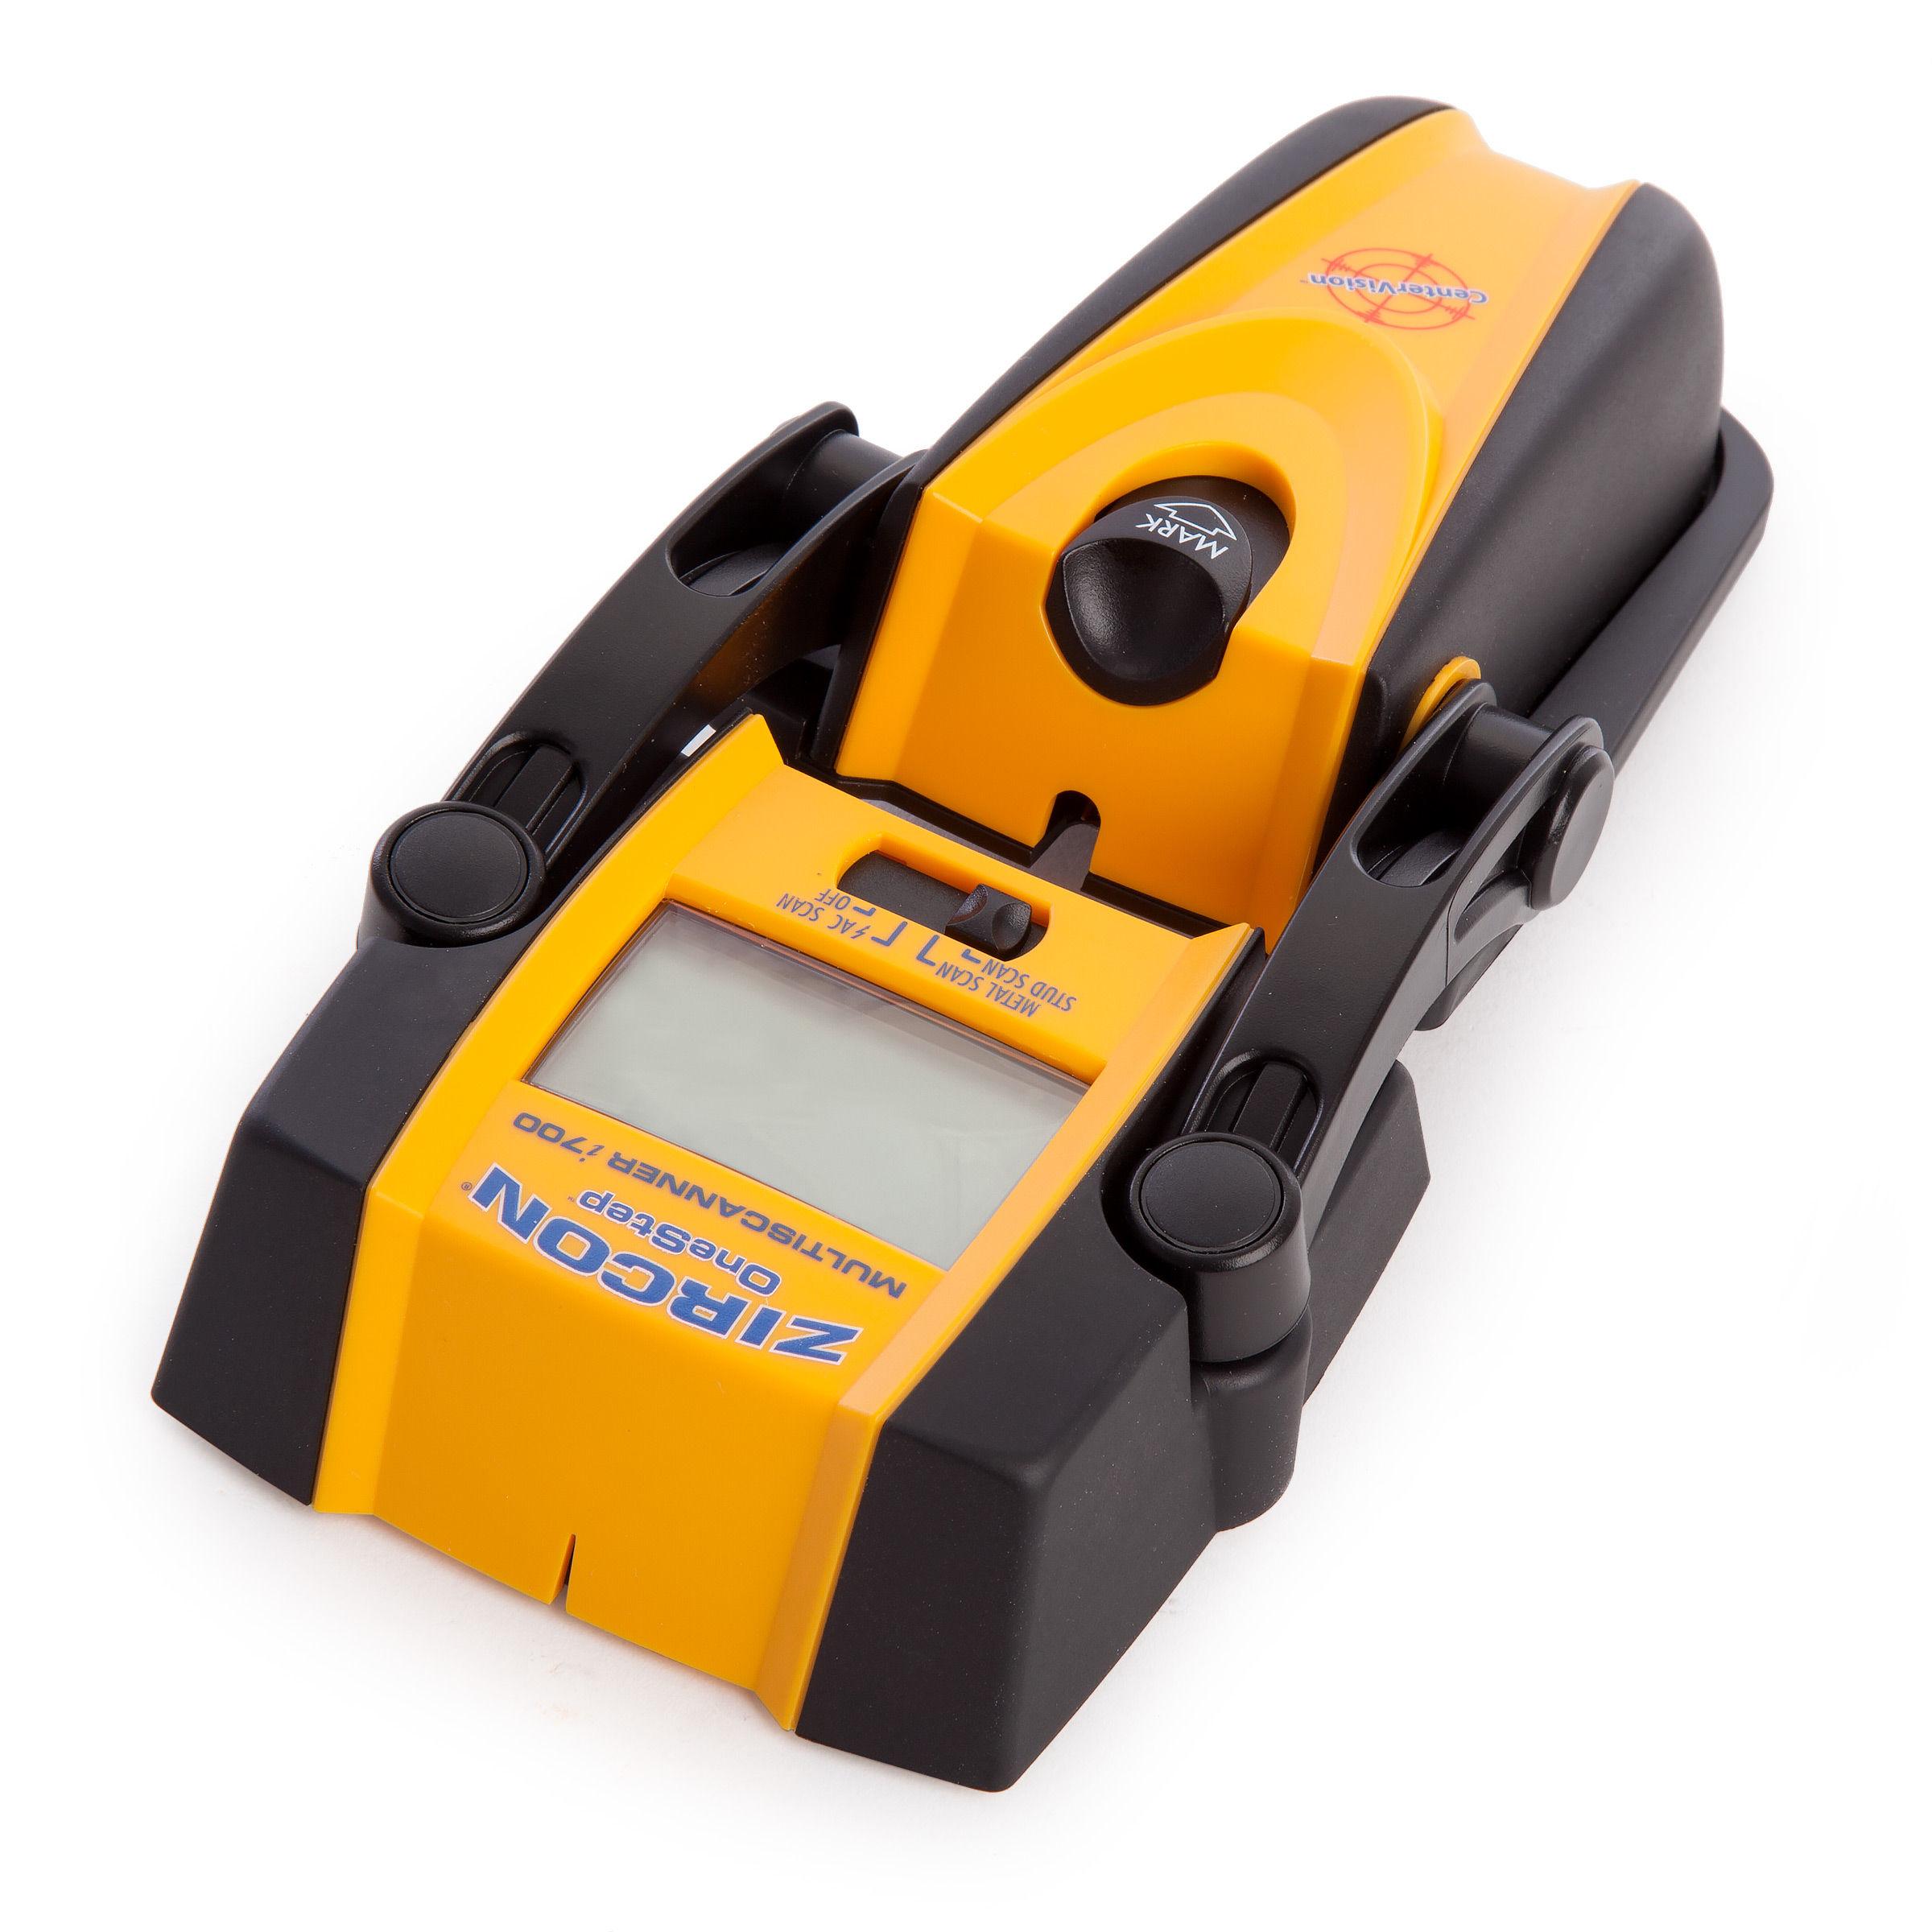 Bosch Active Vibration Control   Toolstop Exclusive Demo